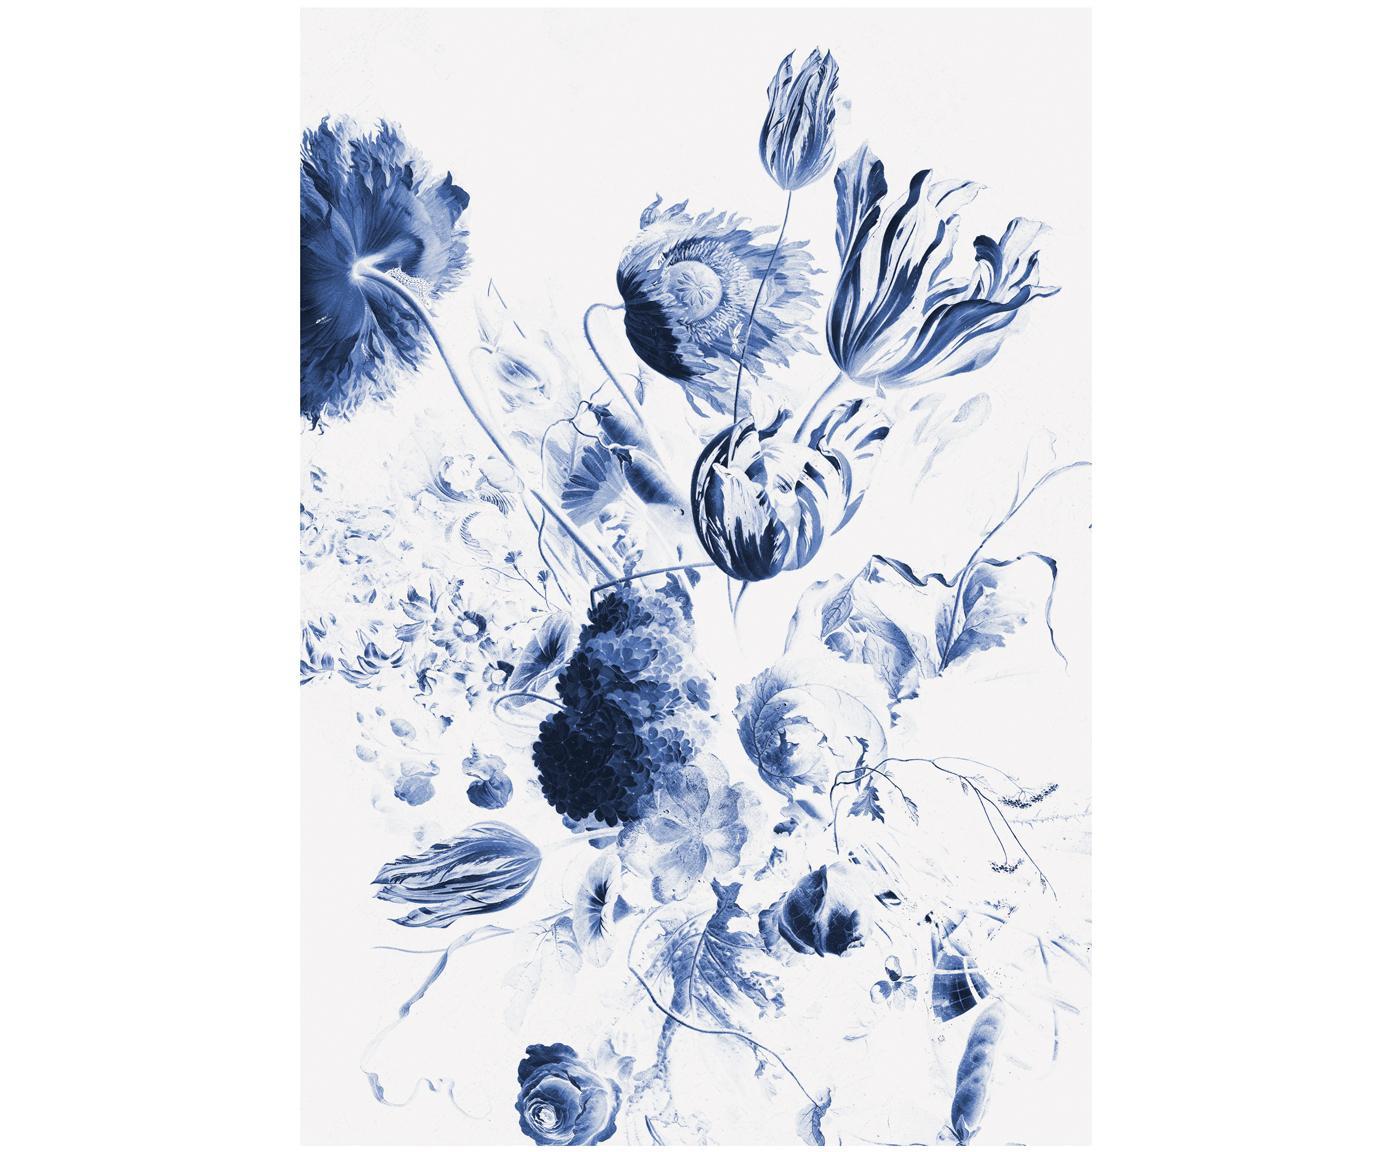 Fotobehang Royal Blue Flowers, Vlies, milieuvriendelijk en biologisch afbreekbaar, Blauw, mat wit, 196 x 280 cm